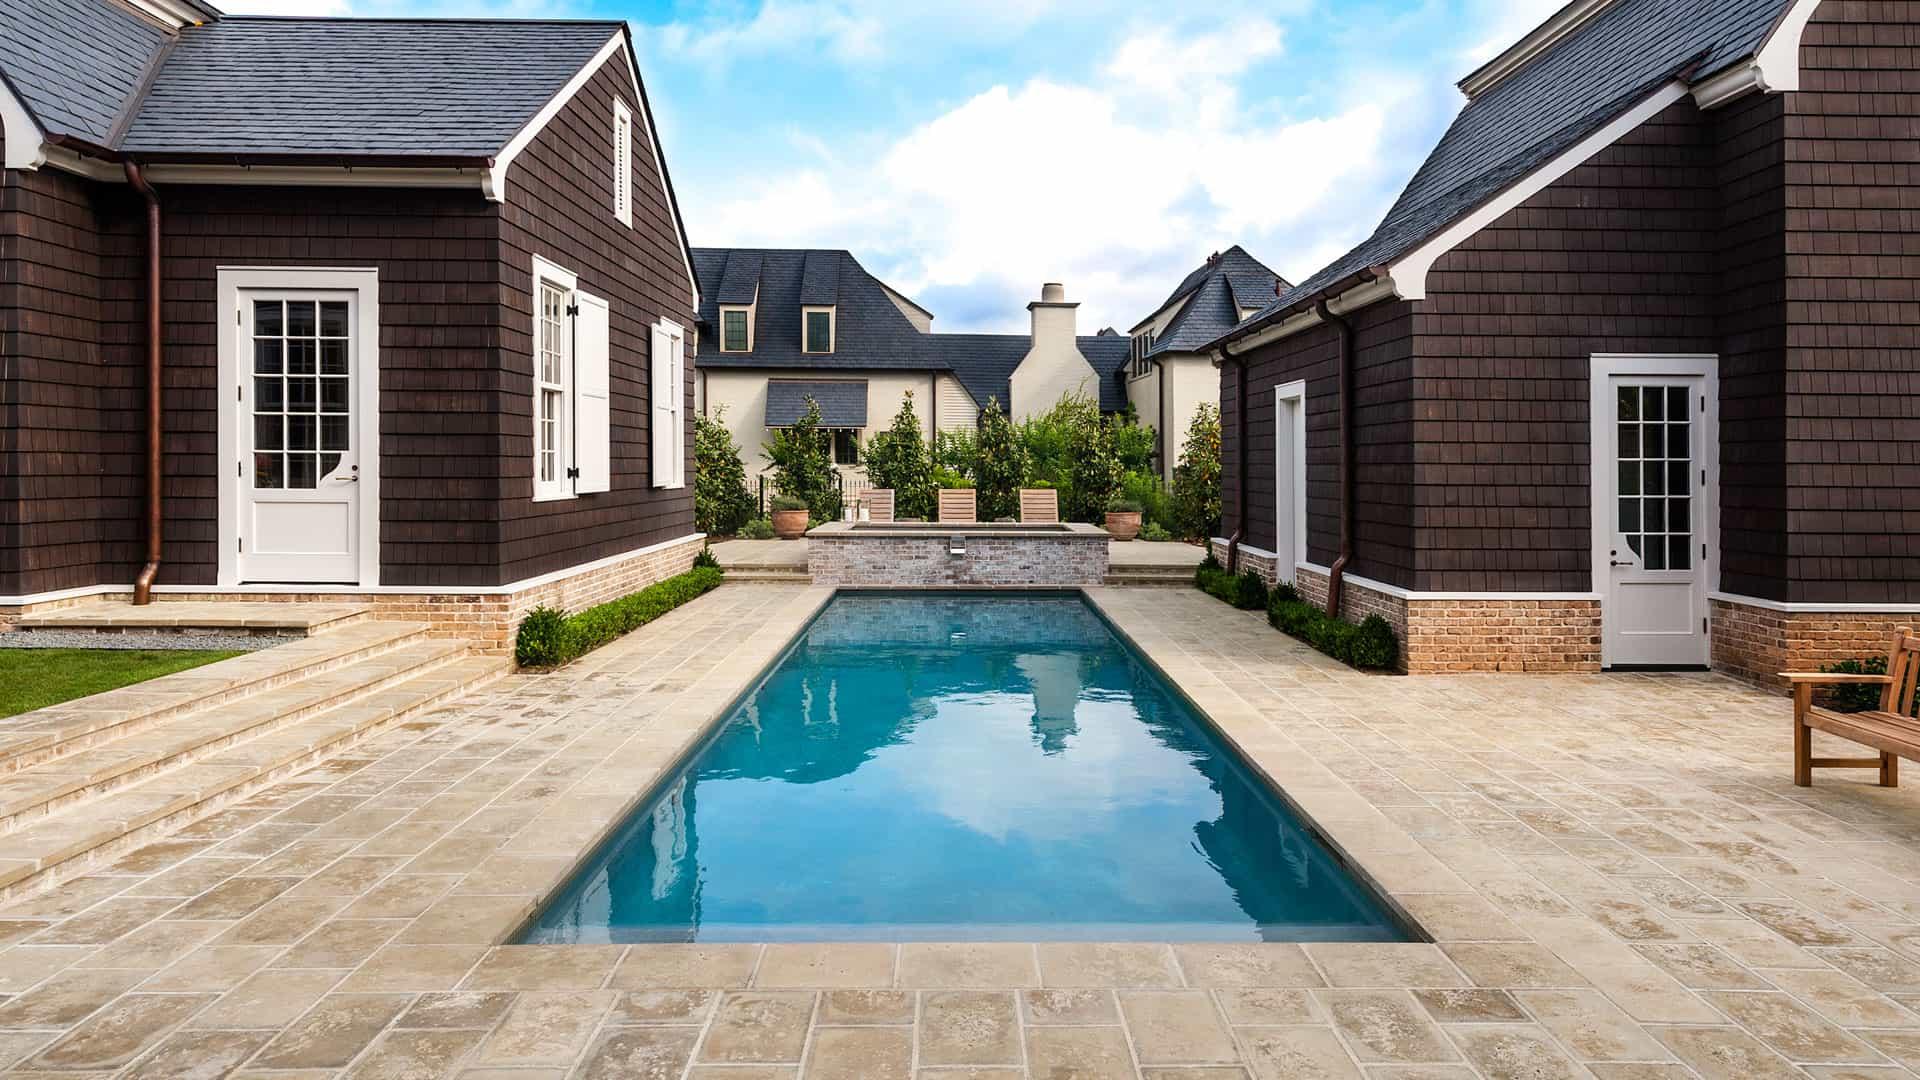 رعایت نکات رنگ بندی در اجرای مصالح ساختمان و سنگ فرش